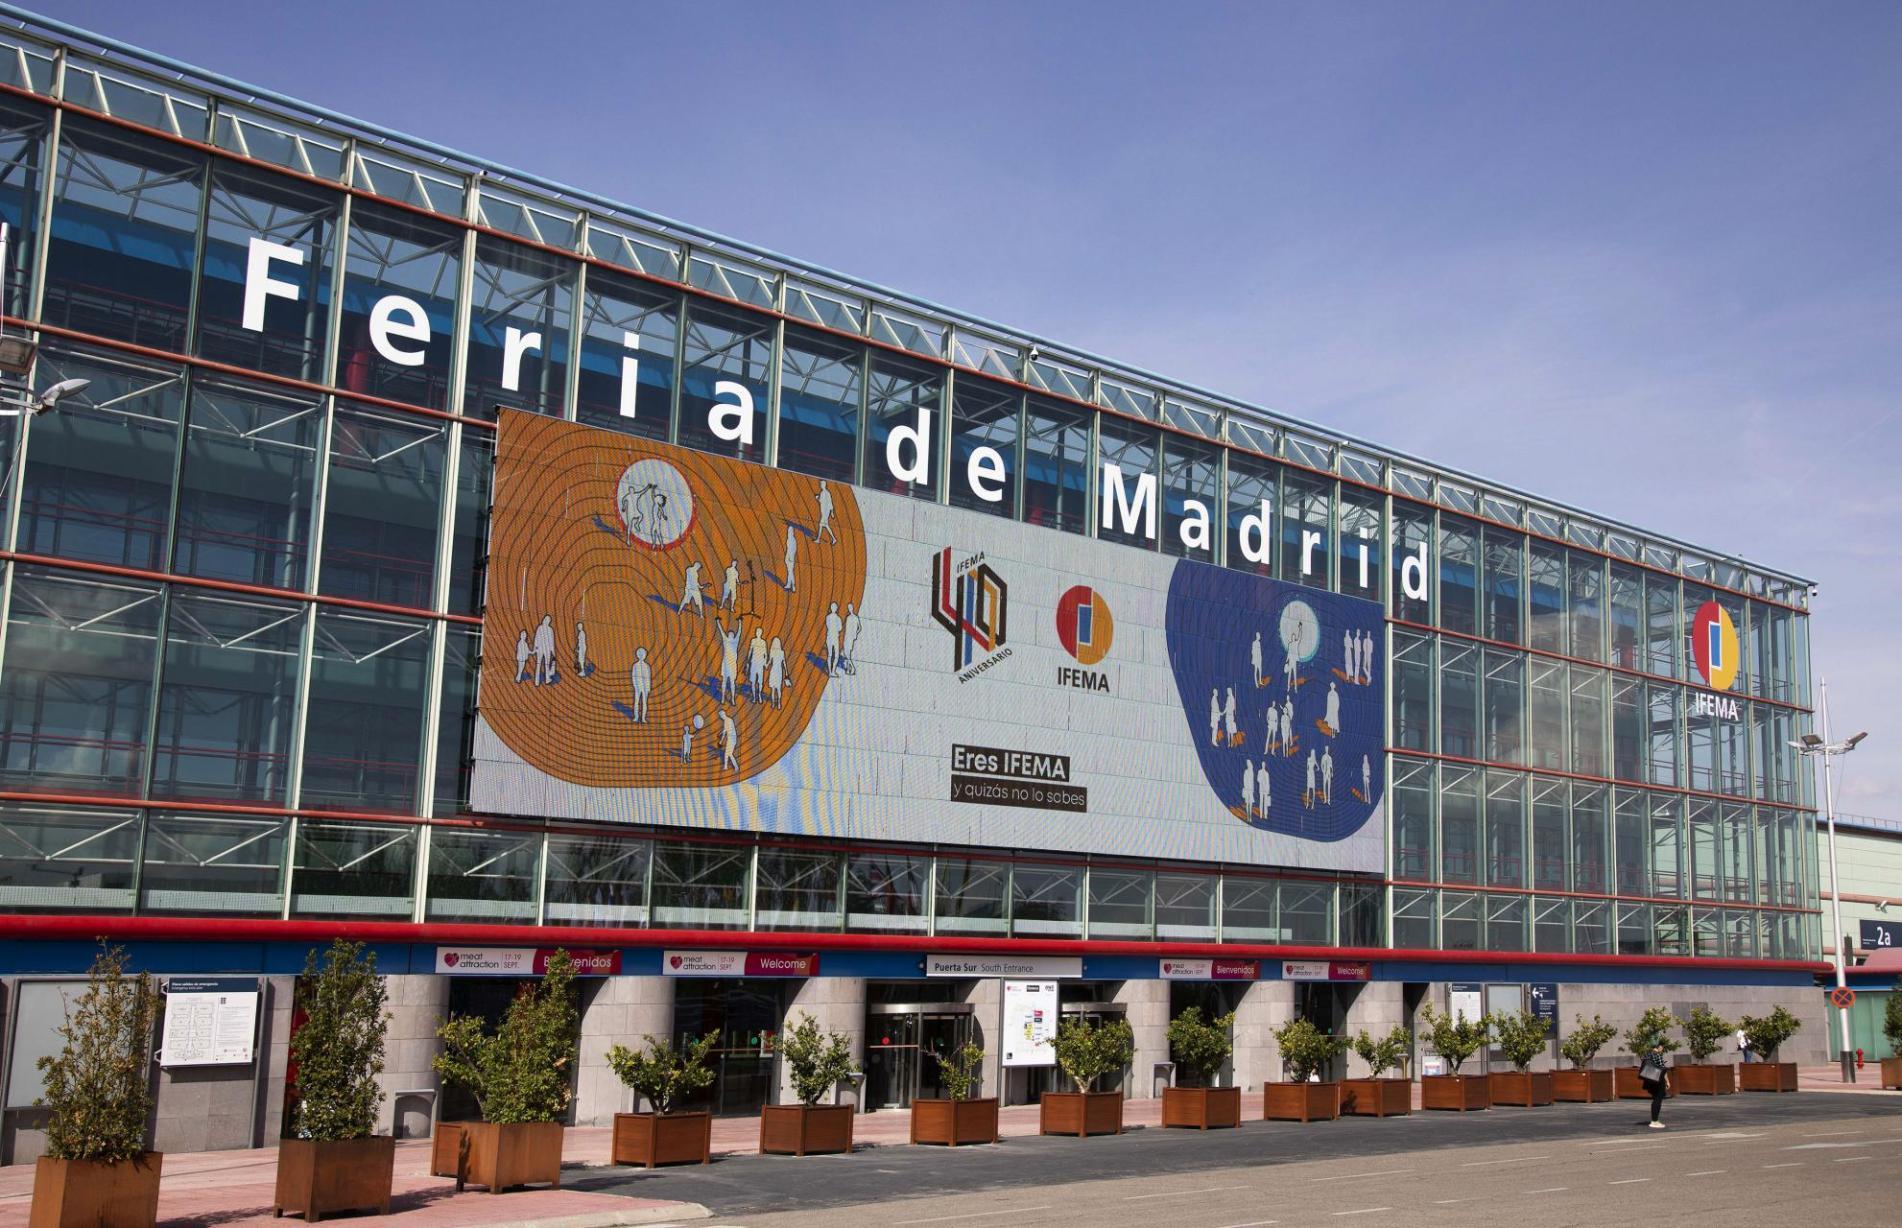 Acceso puerta Sur IFEMA, Feria de Madrid